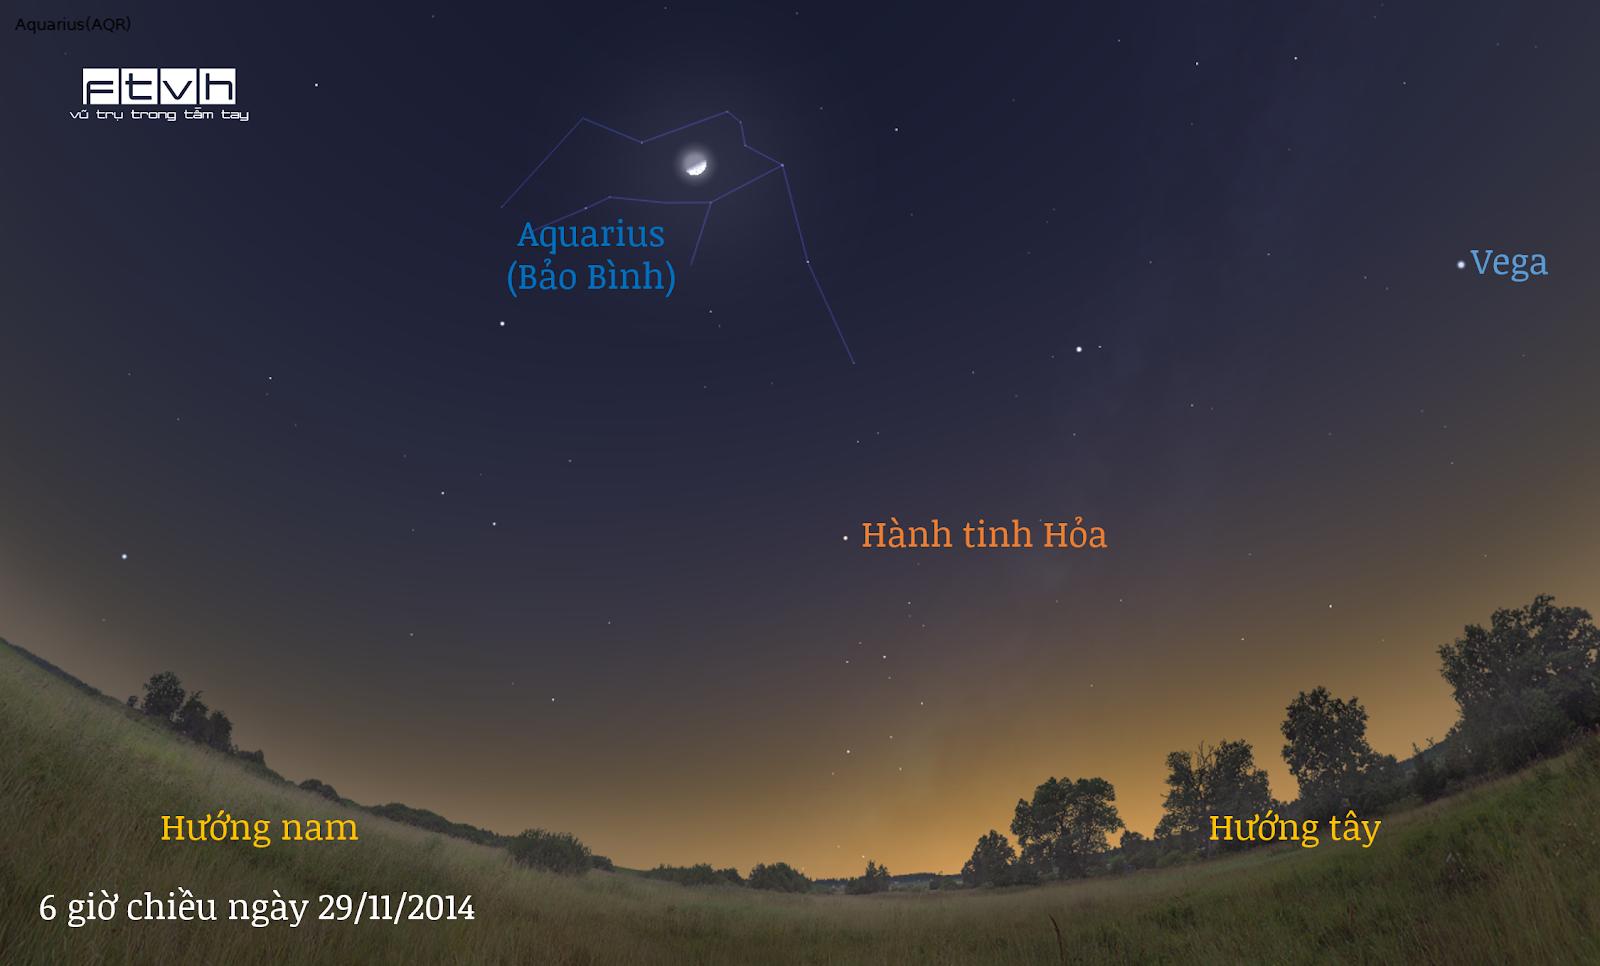 Trăng thượng huyền tháng 10 âm lịch trong chòm sao Aquarius vào chiều ngày 29/11/2014.